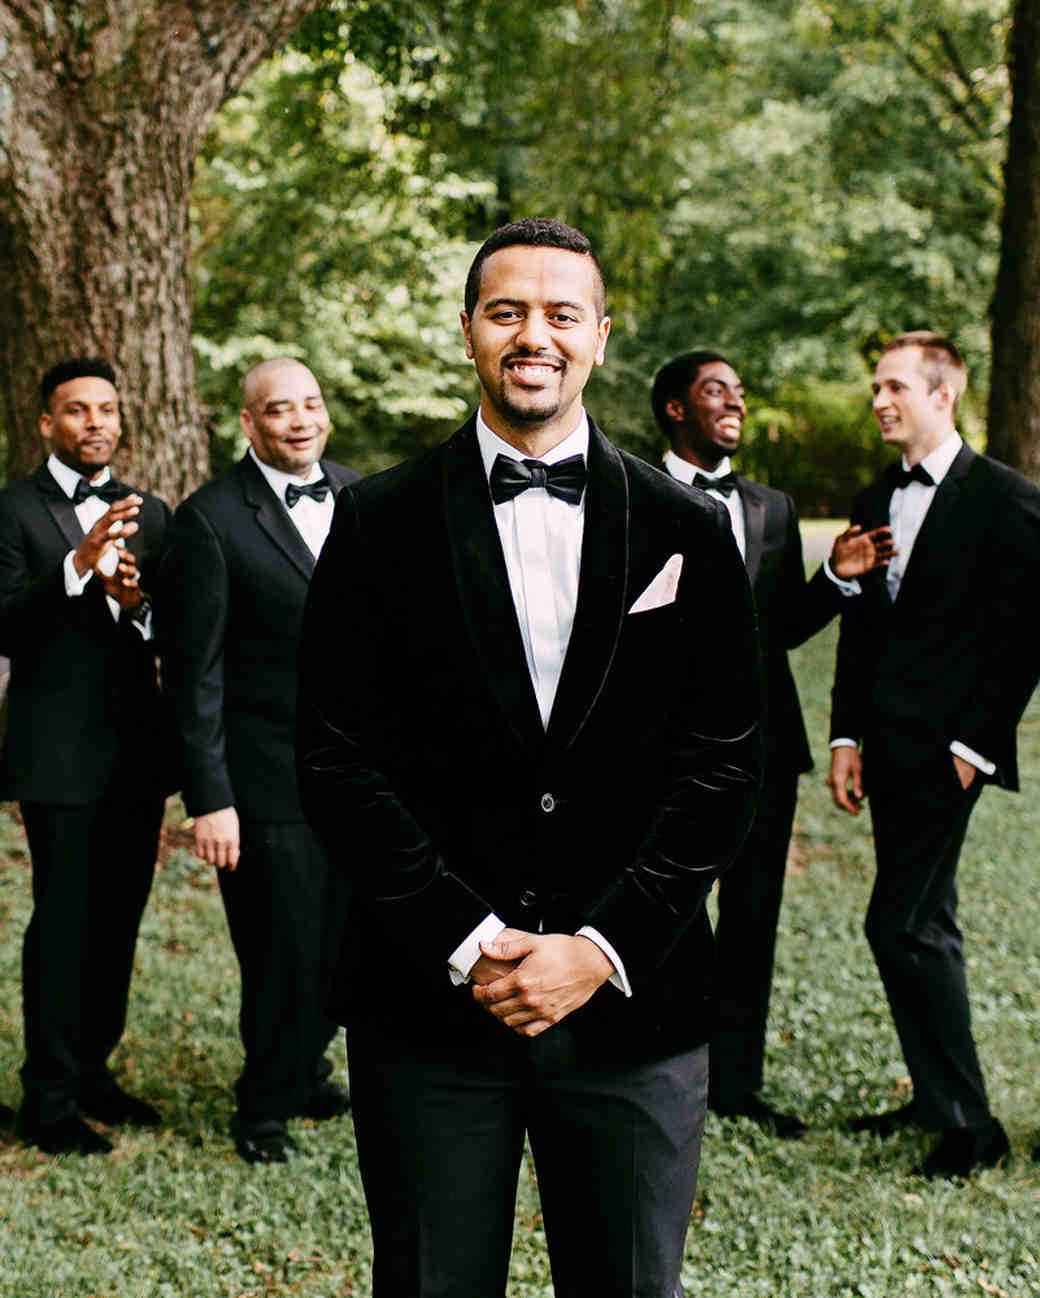 groom standing in front of groomsmen